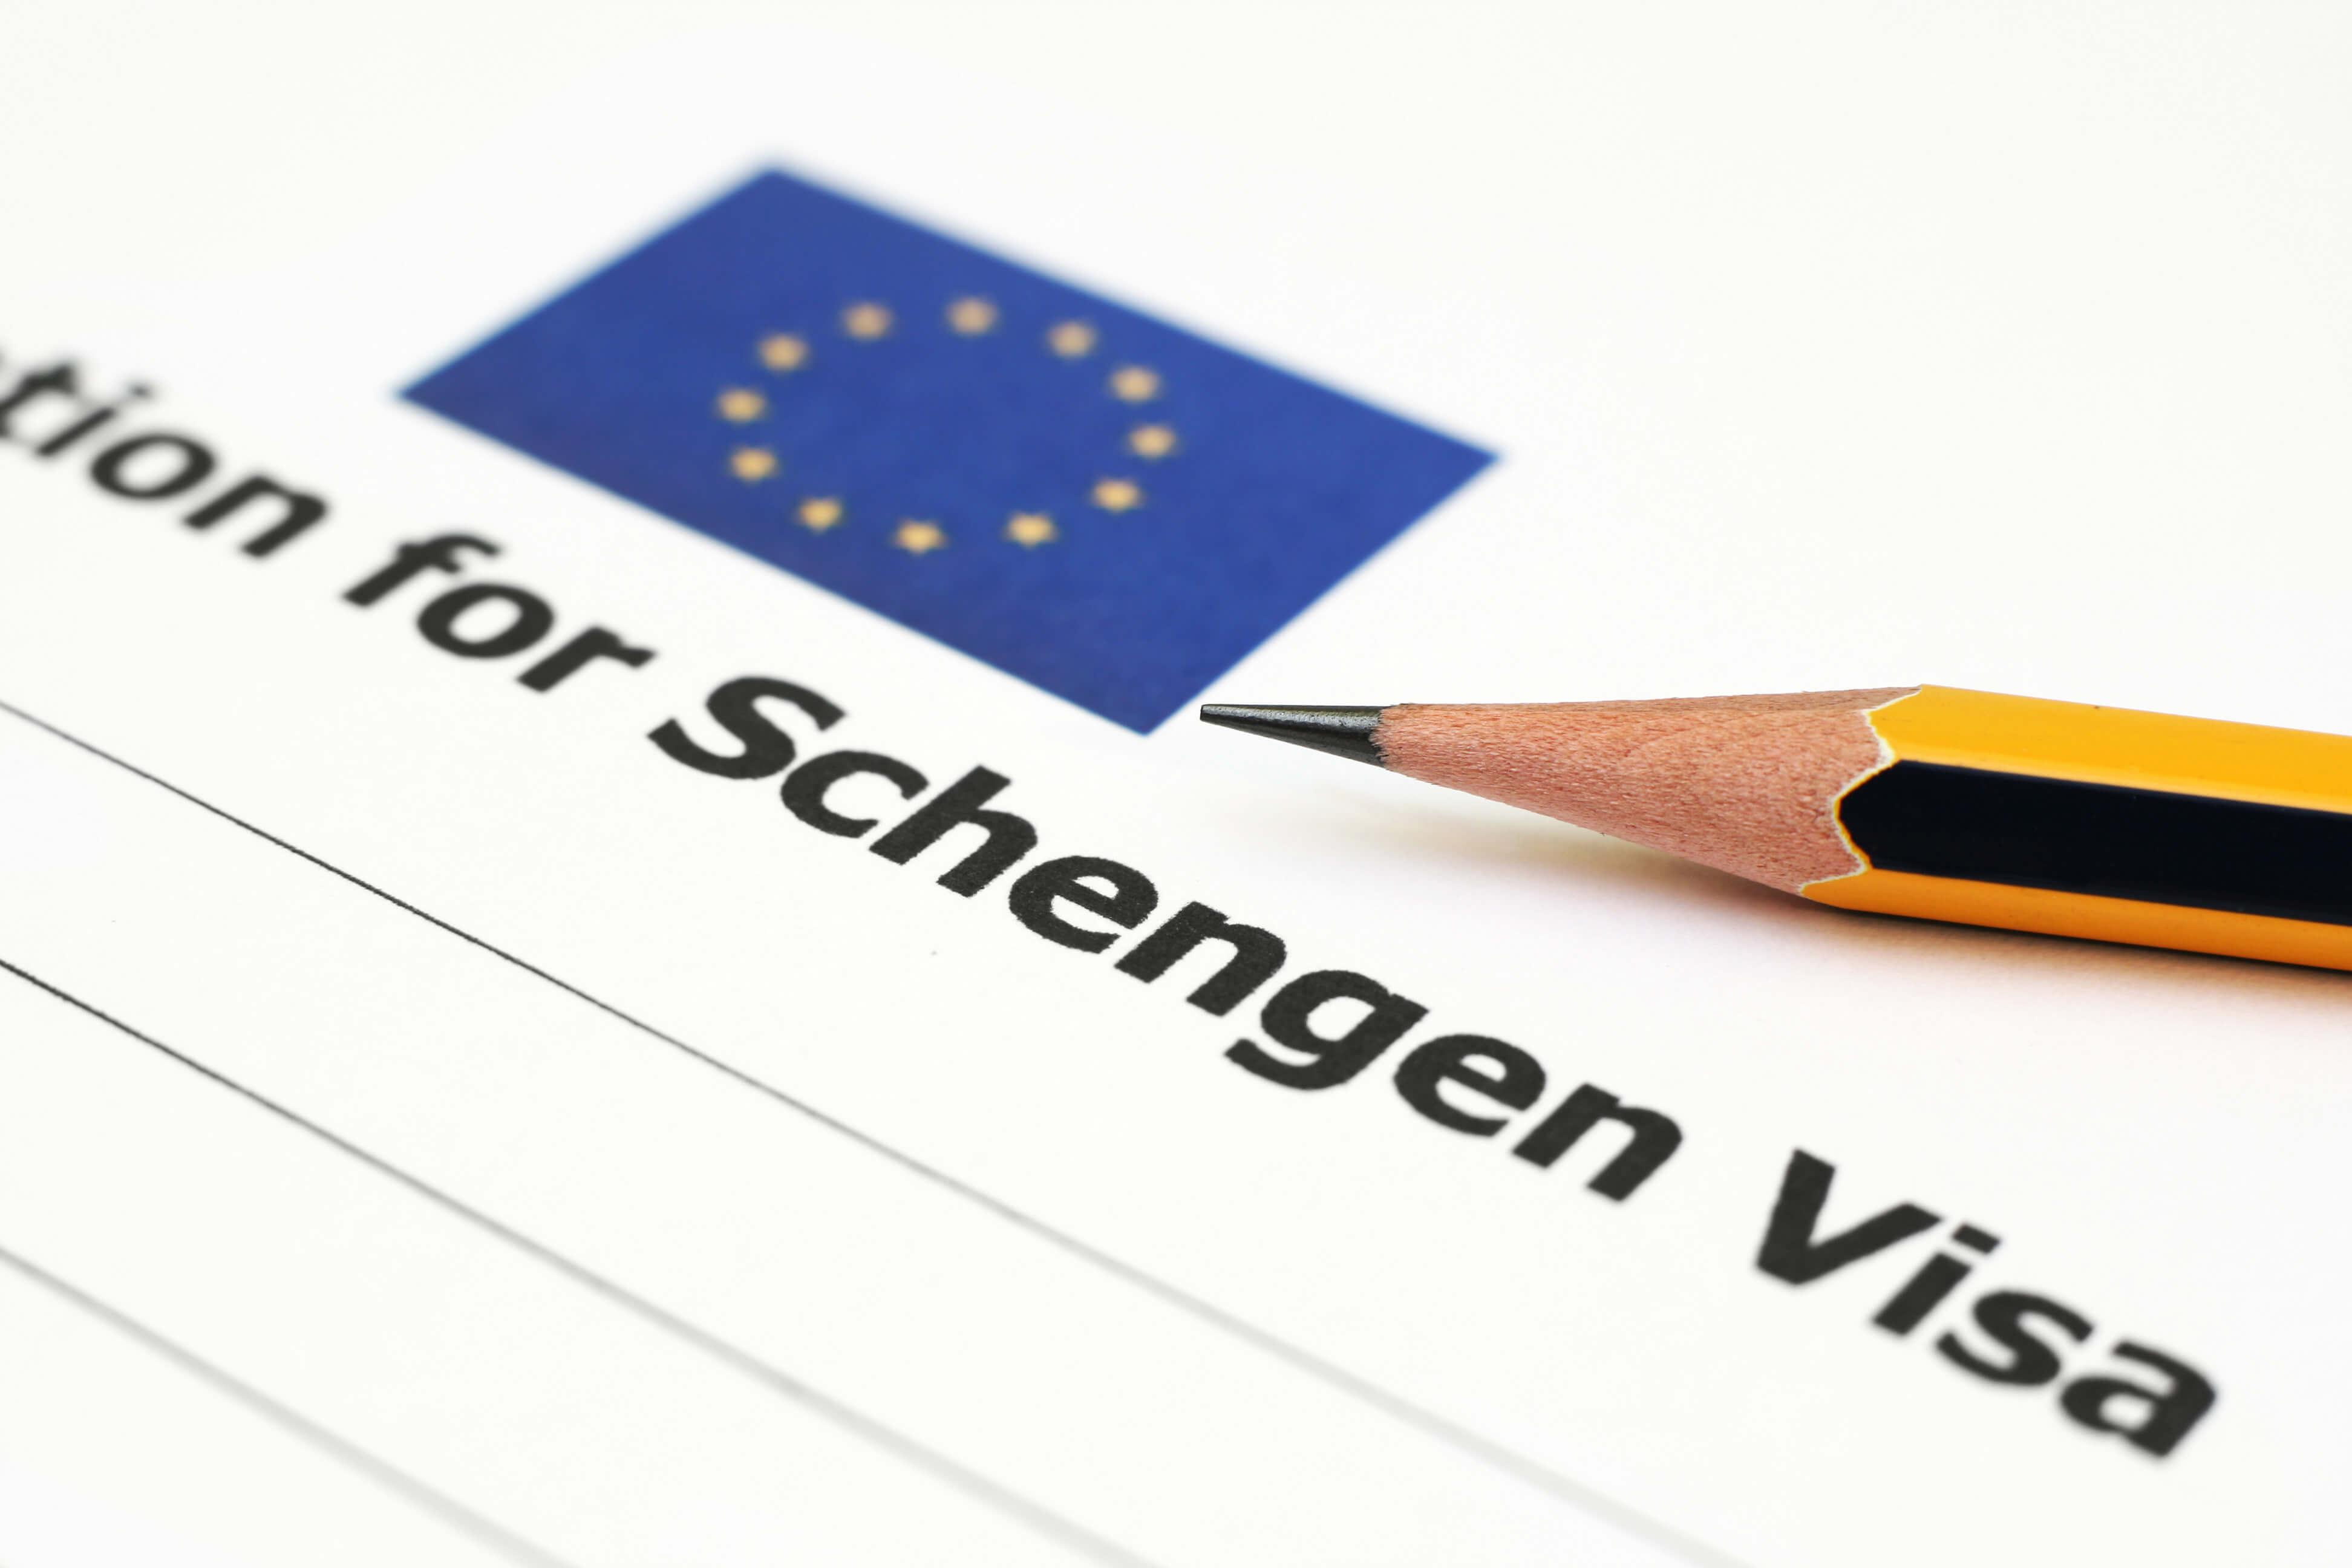 Viza Schengen, documentul care asigura acces usor in interiorul spatiului Schengen